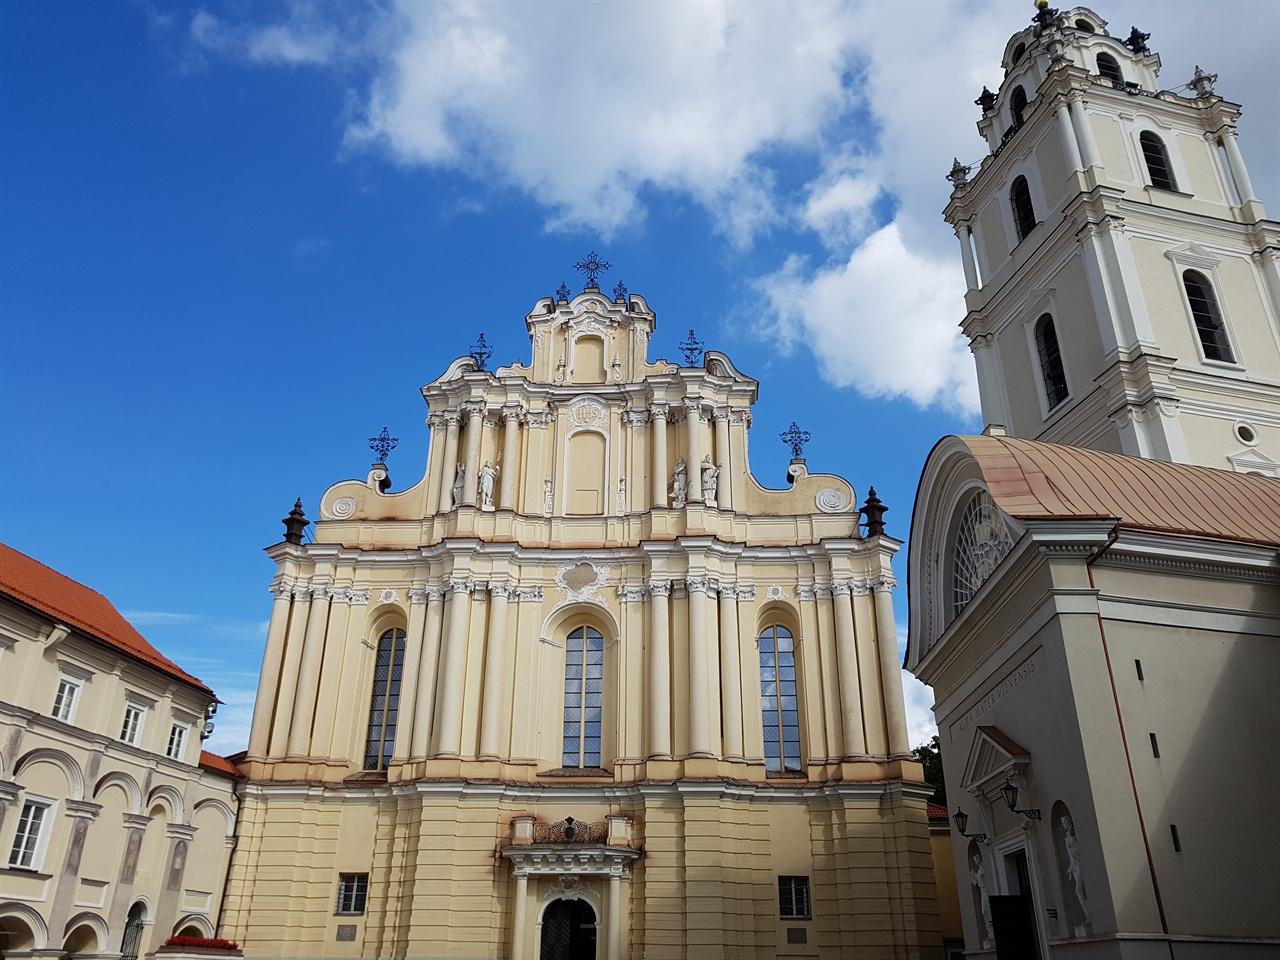 빌뉴스 대학교  정면에 보이는 건물이 교내에 있는 성 요한 성당이다.